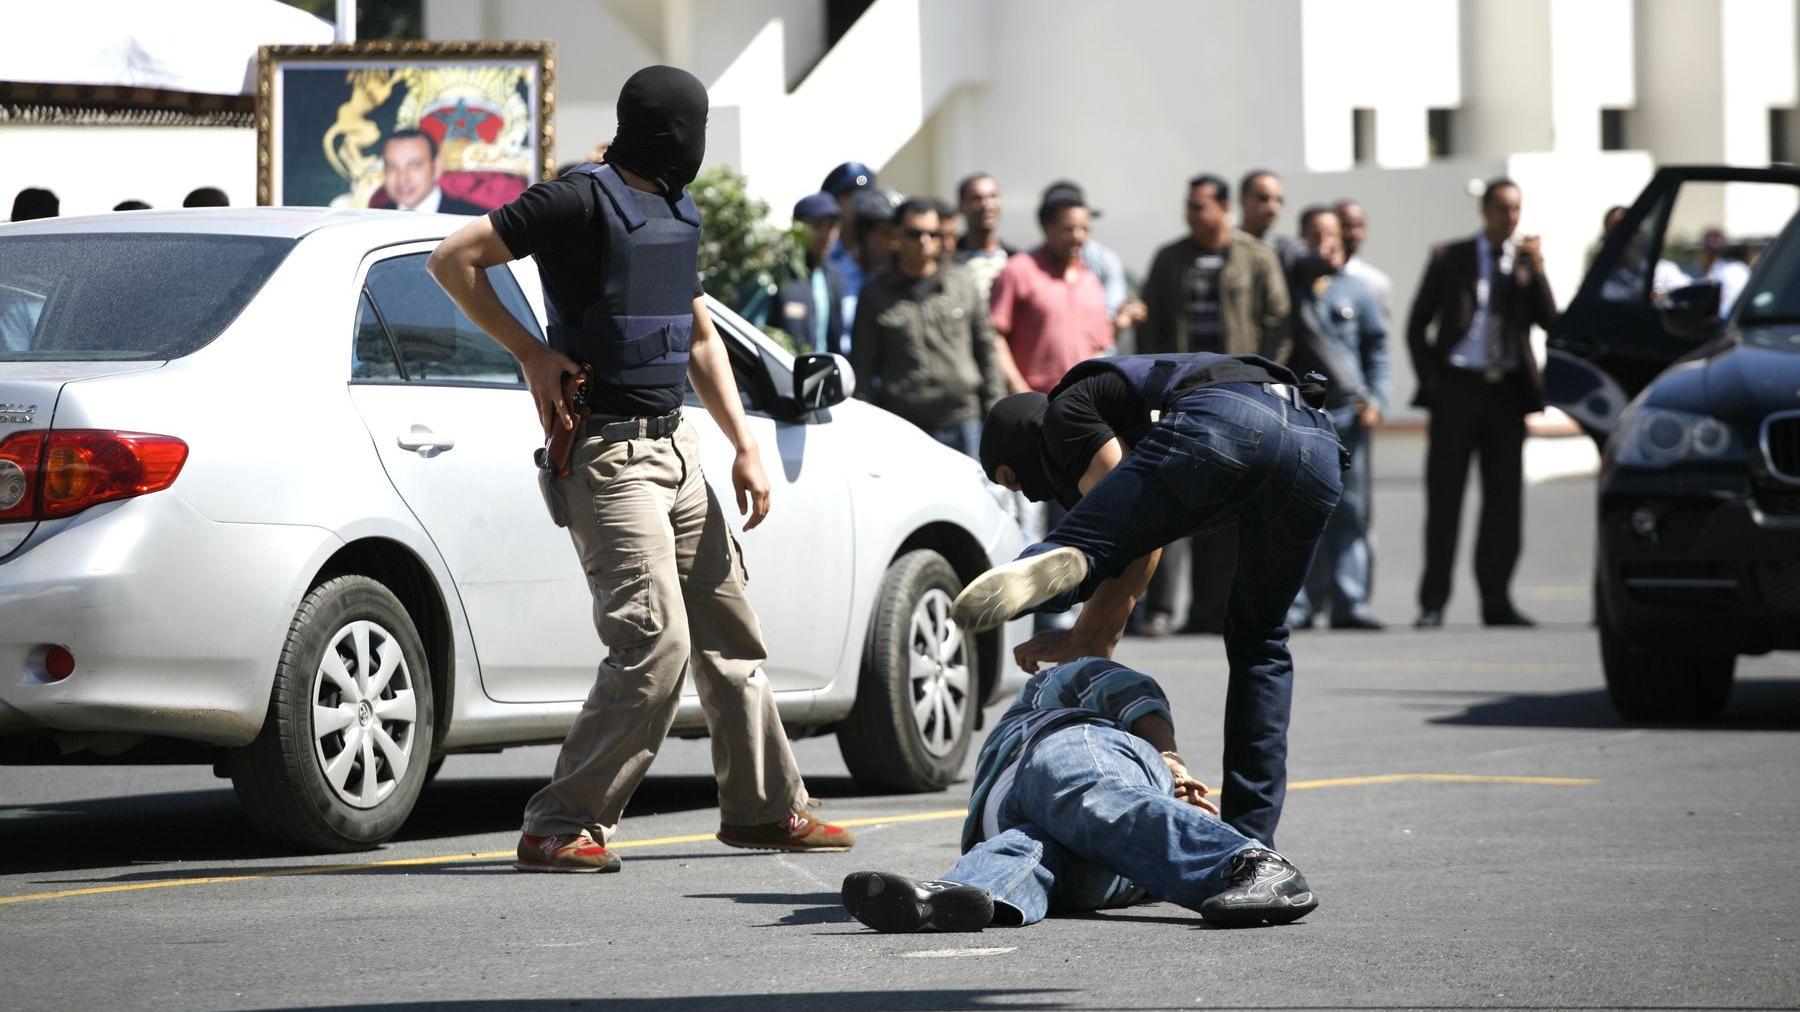 صور رائعة للشرطة المغربية 2014 Dfg_110